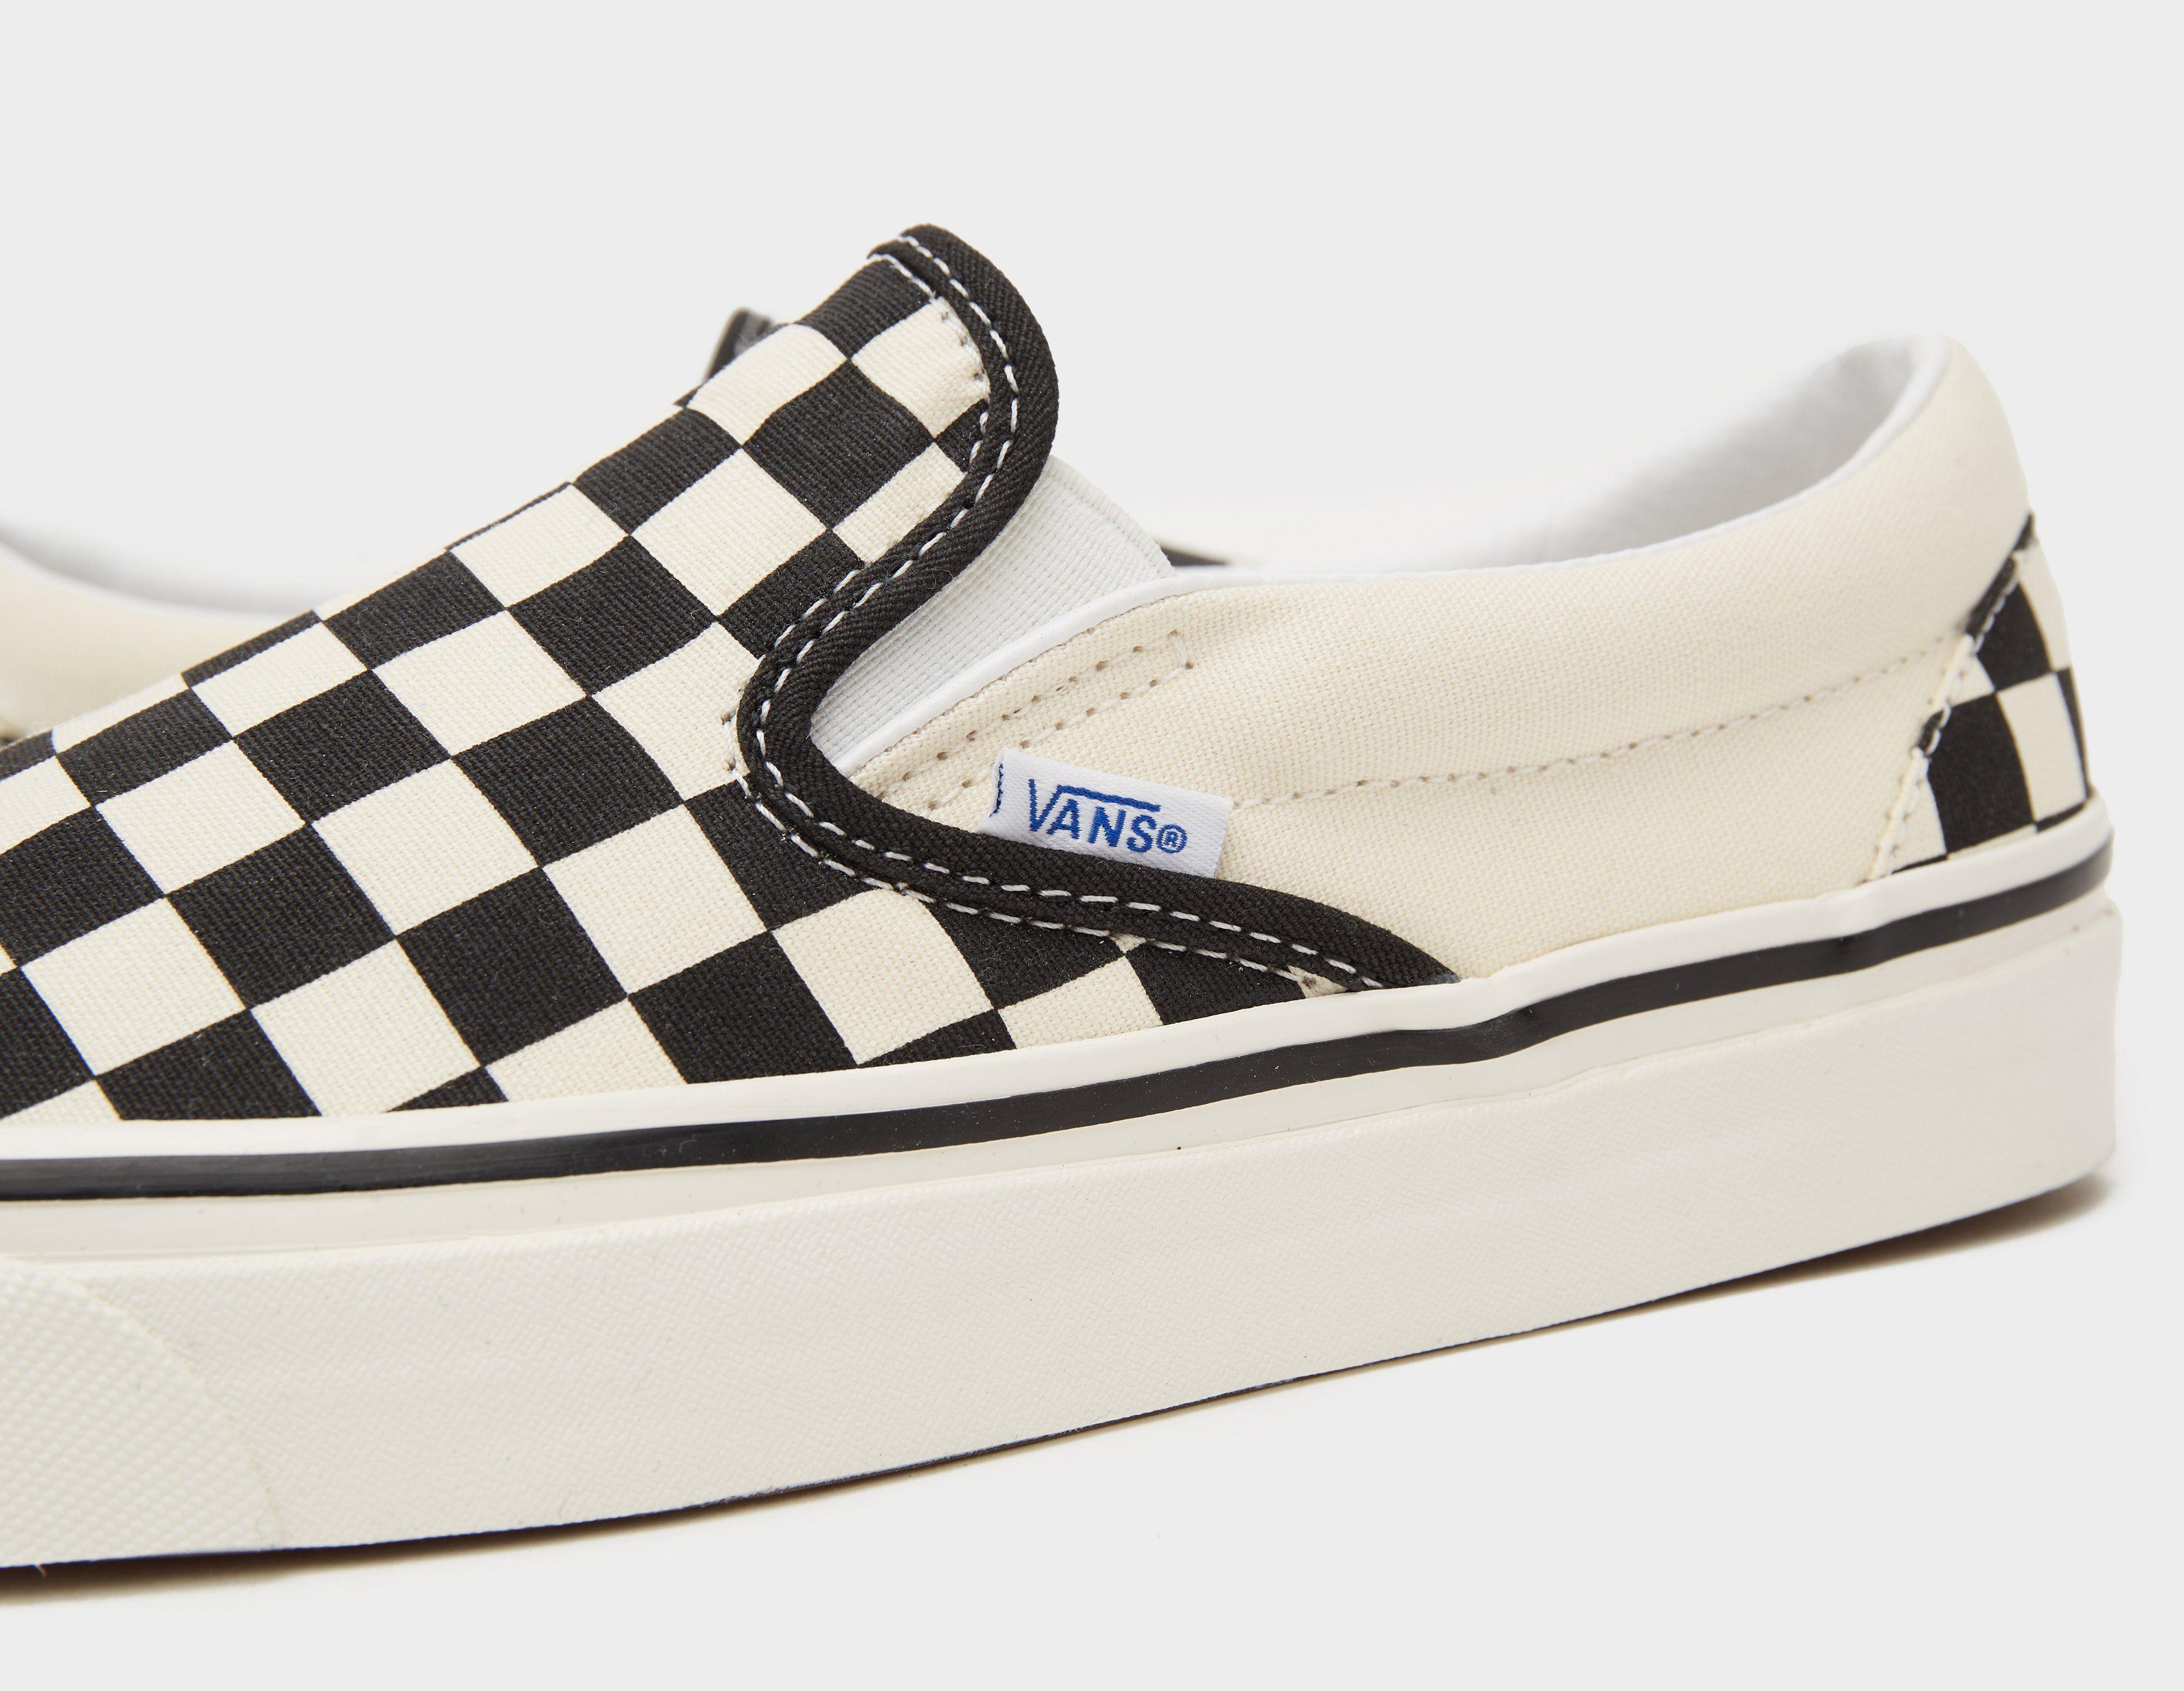 Vans Anaheim Checkboard Slip-On Women's